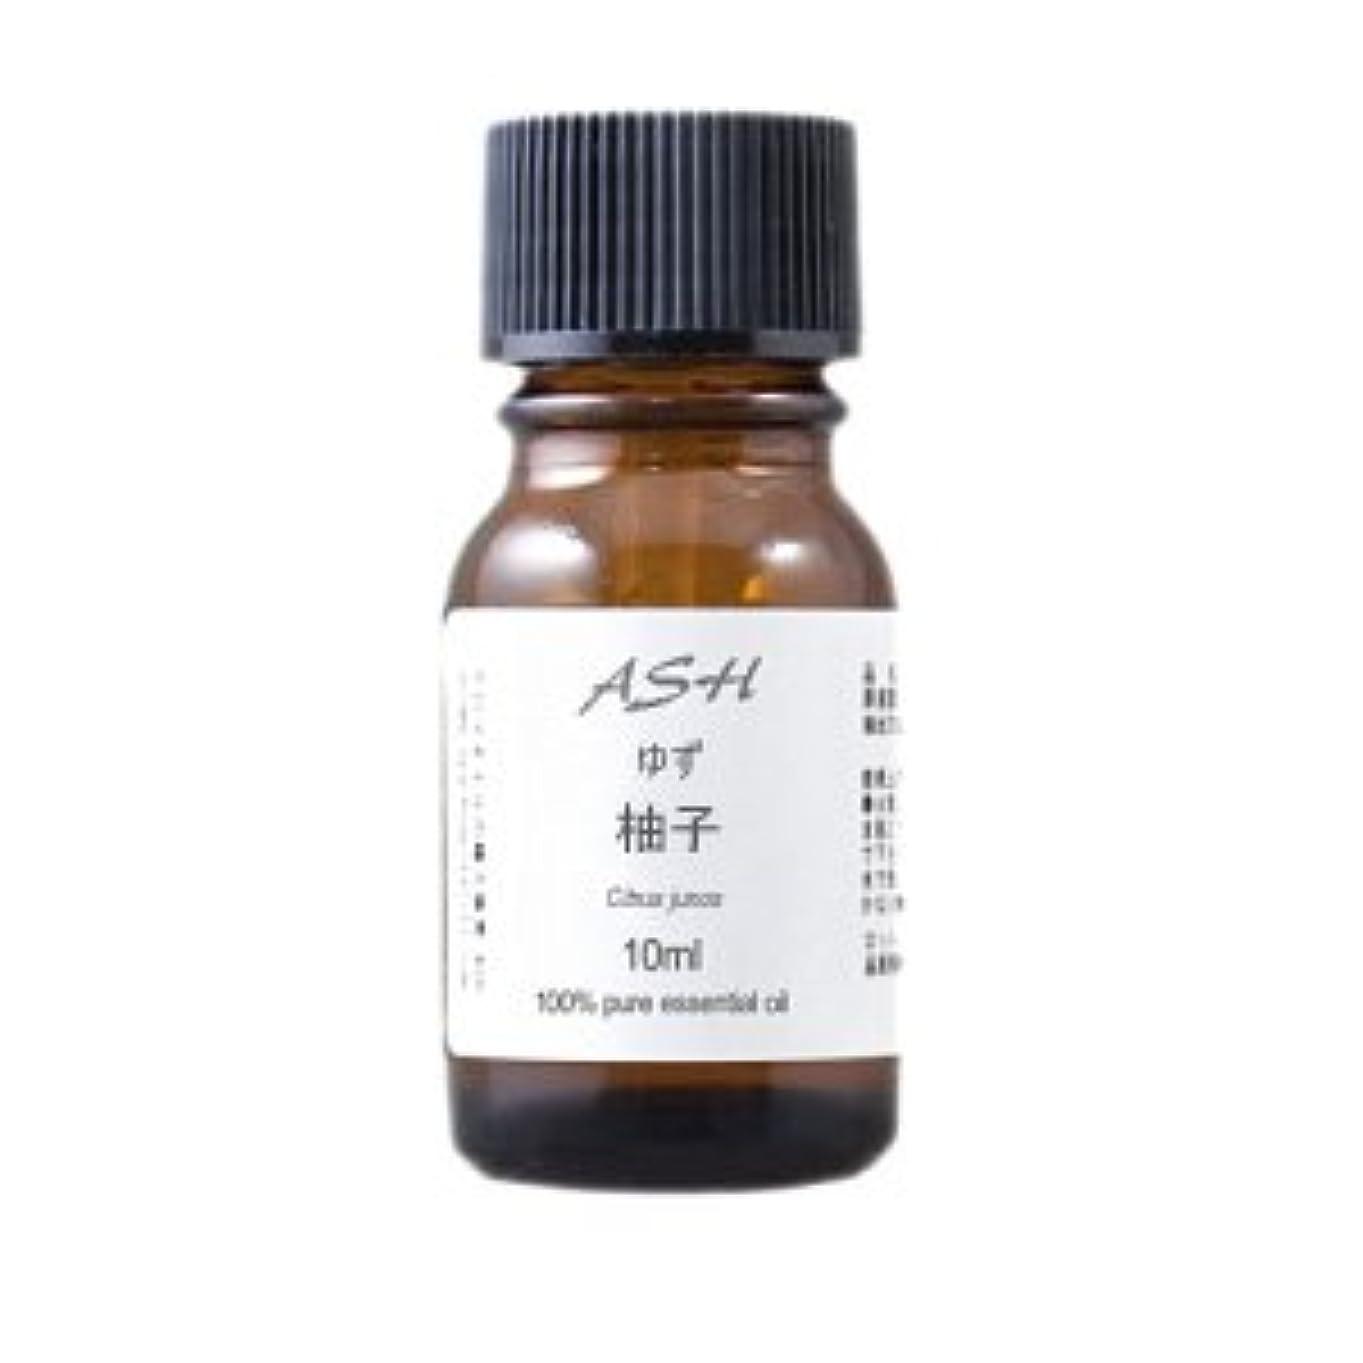 インチ株式会社アシュリータファーマンASH 柚子 (ゆず) エッセンシャルオイル 10ml 【和精油】【Yuzu Essential Oil-Japan】 AEAJ表示基準適合認定精油